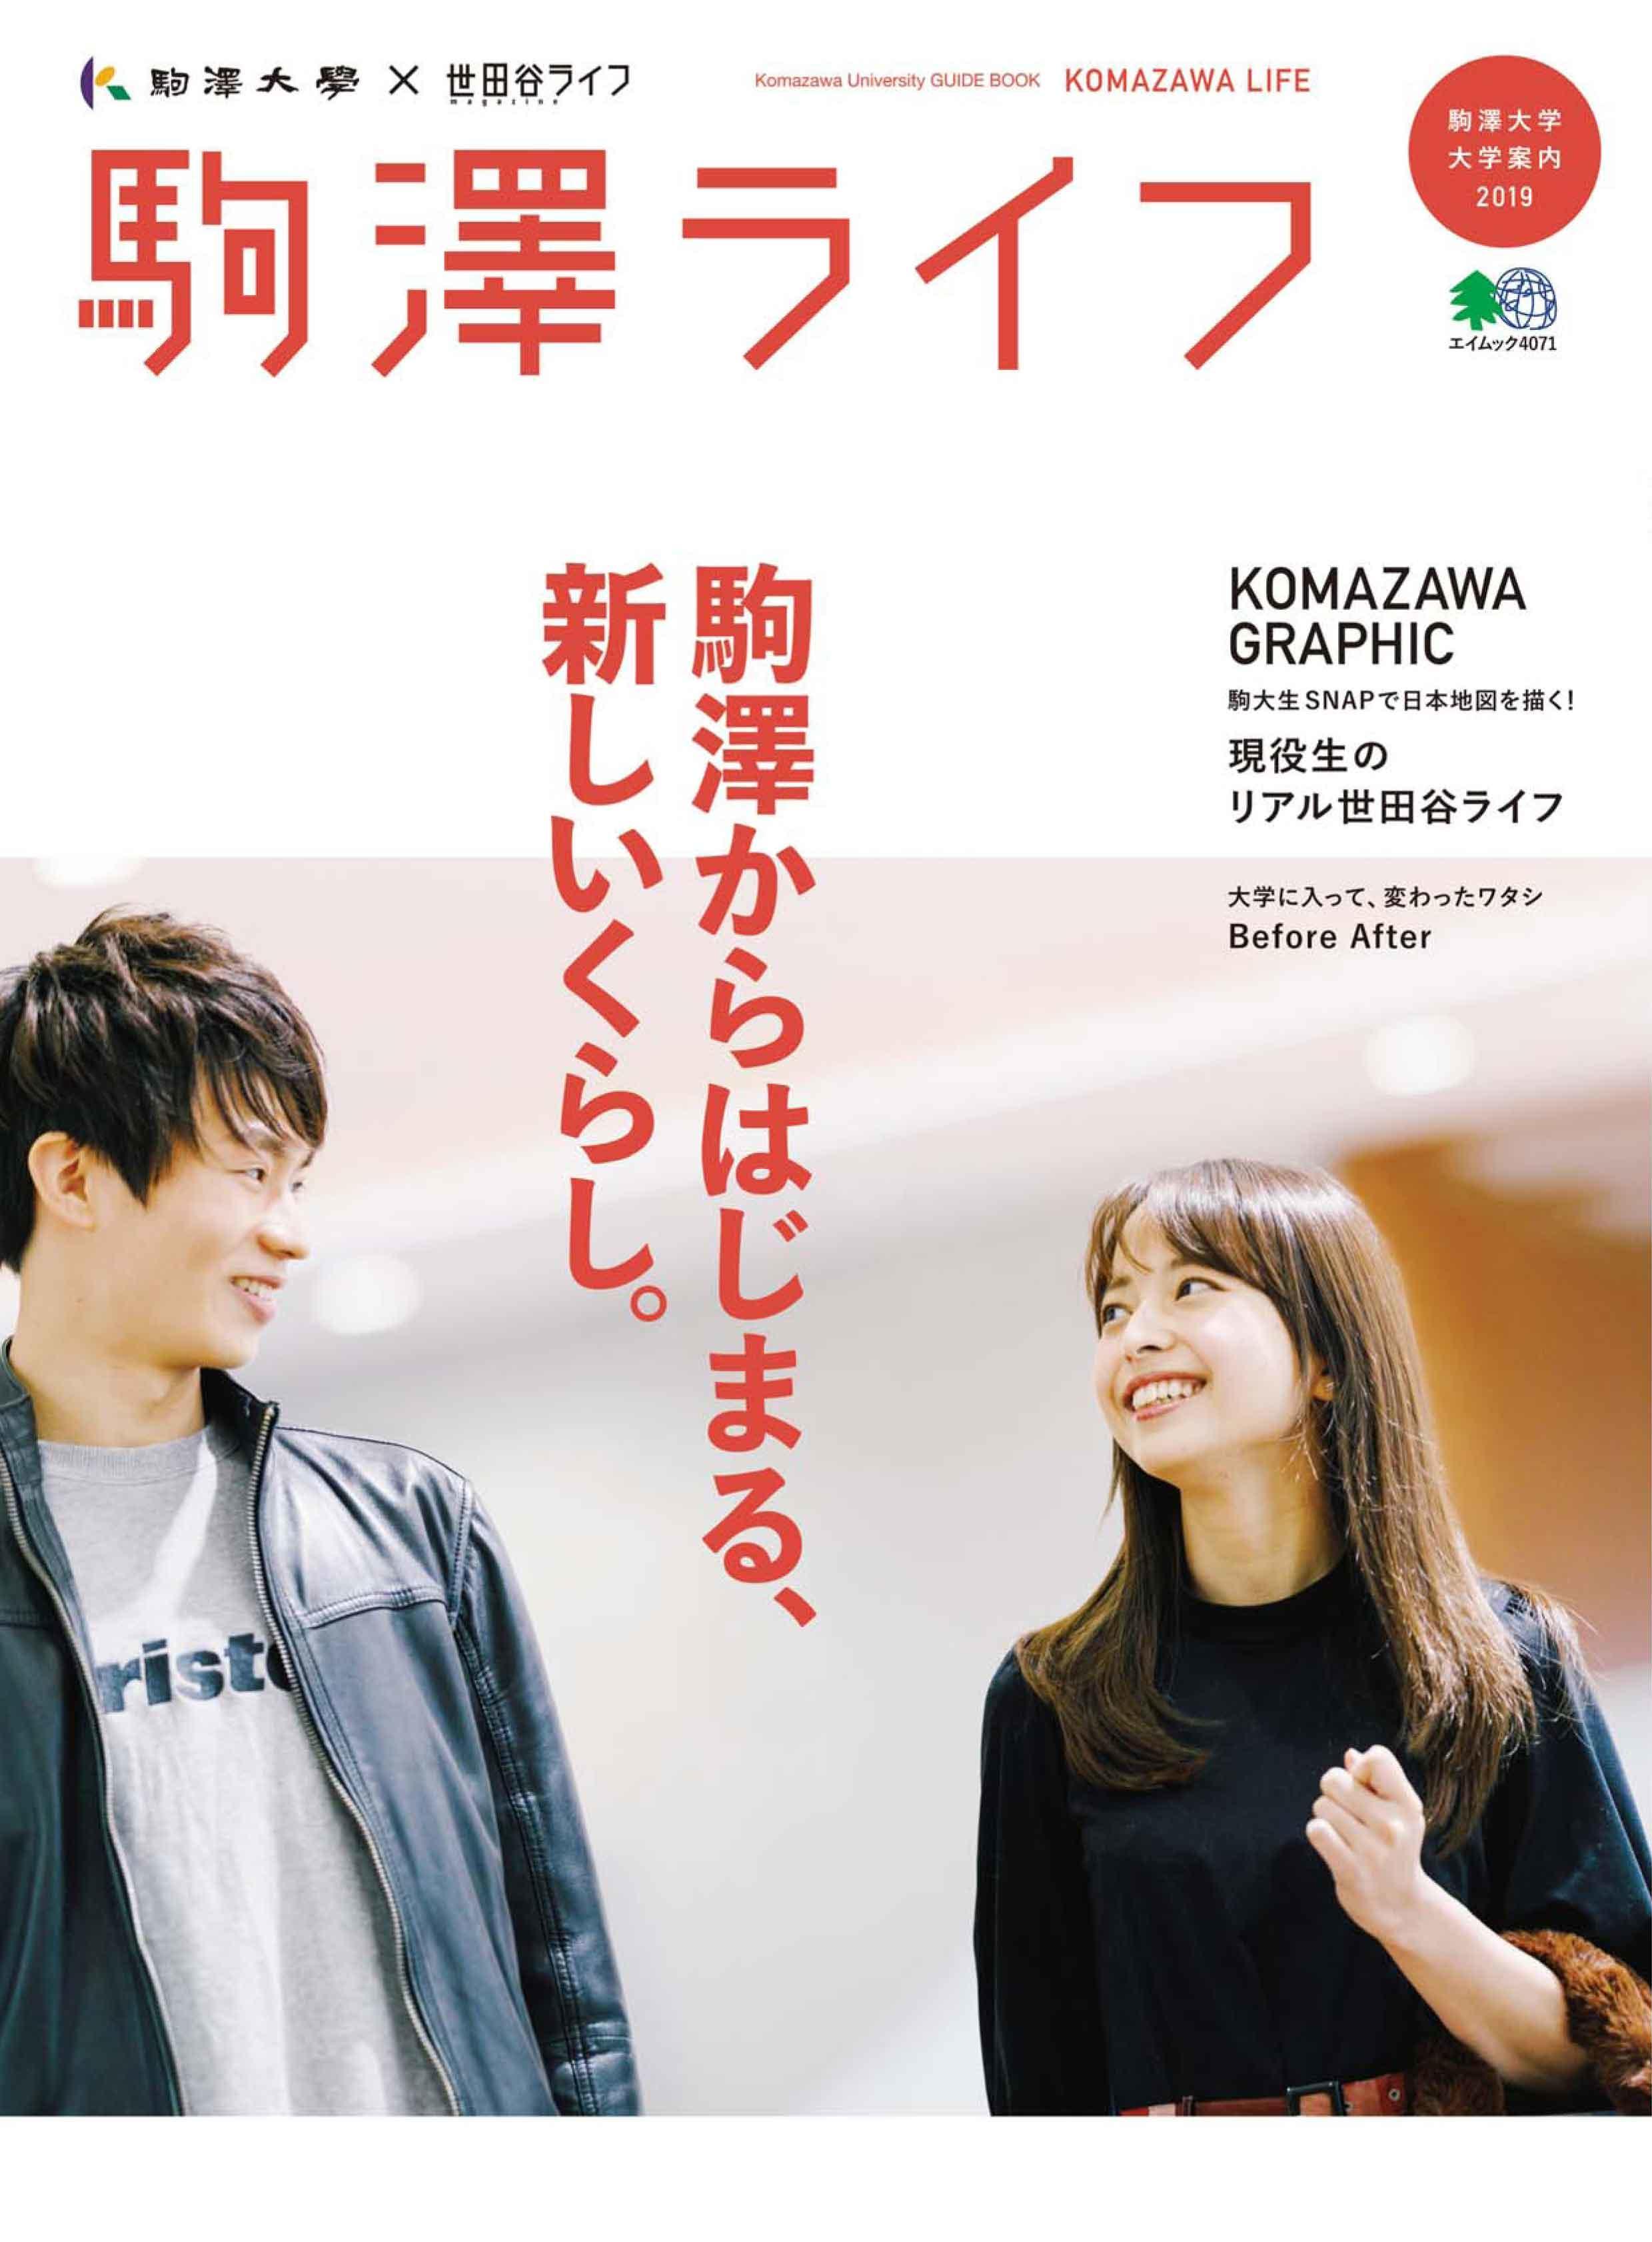 駒澤大学が受験生向け広報媒体を一新 -- 情報誌『世田谷ライフ』とのコラボや受験生サイト「think!」のリニューアルも